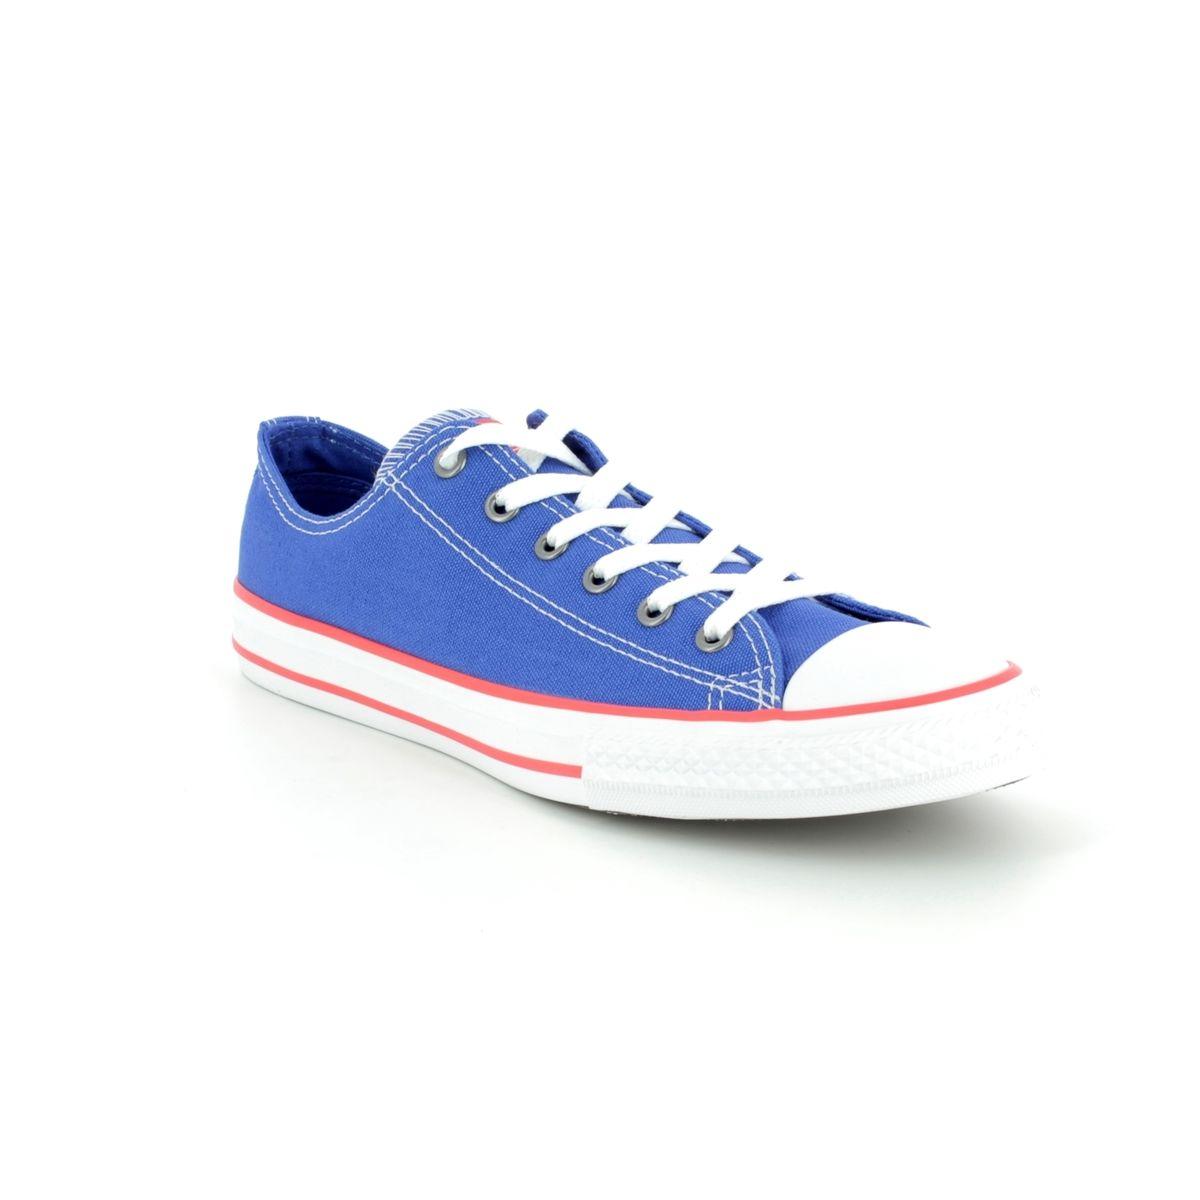 b6871517b3ea9e Converse Trainers - Blue multi - 660104C ALL STAR OX JUNIOR